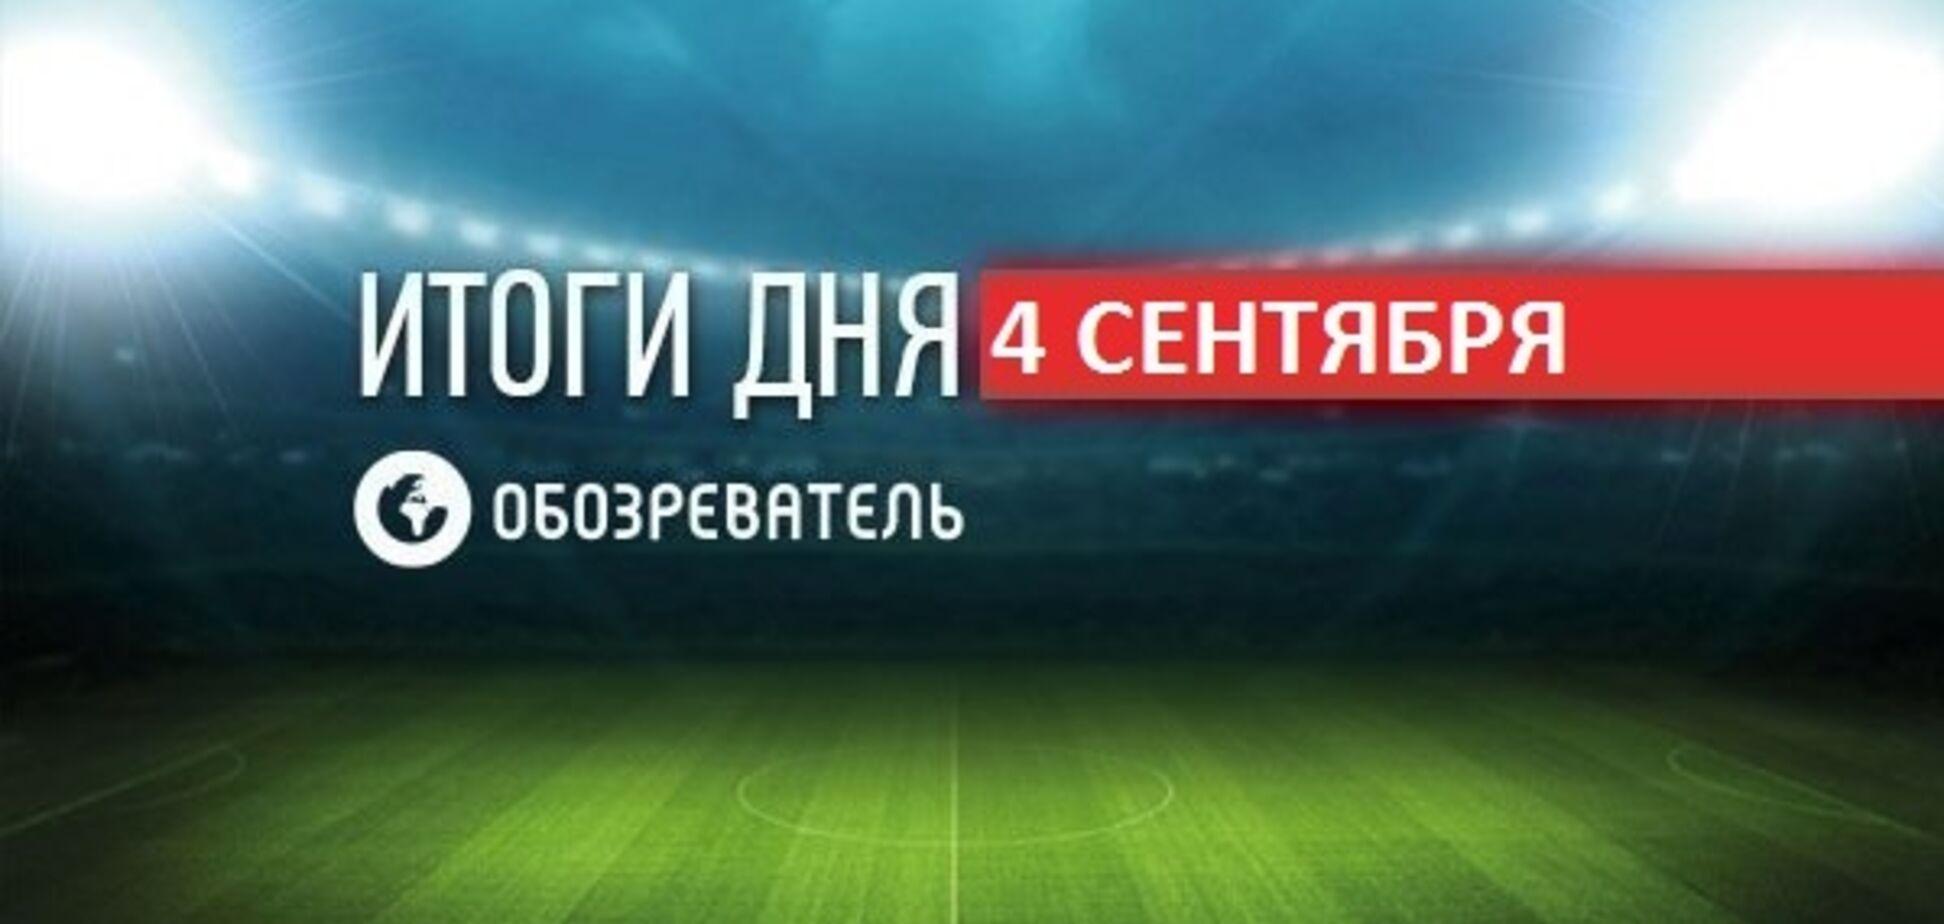 Стало відомо про конфлікт у 'Динамо': спортивні підсумки 4 вересня